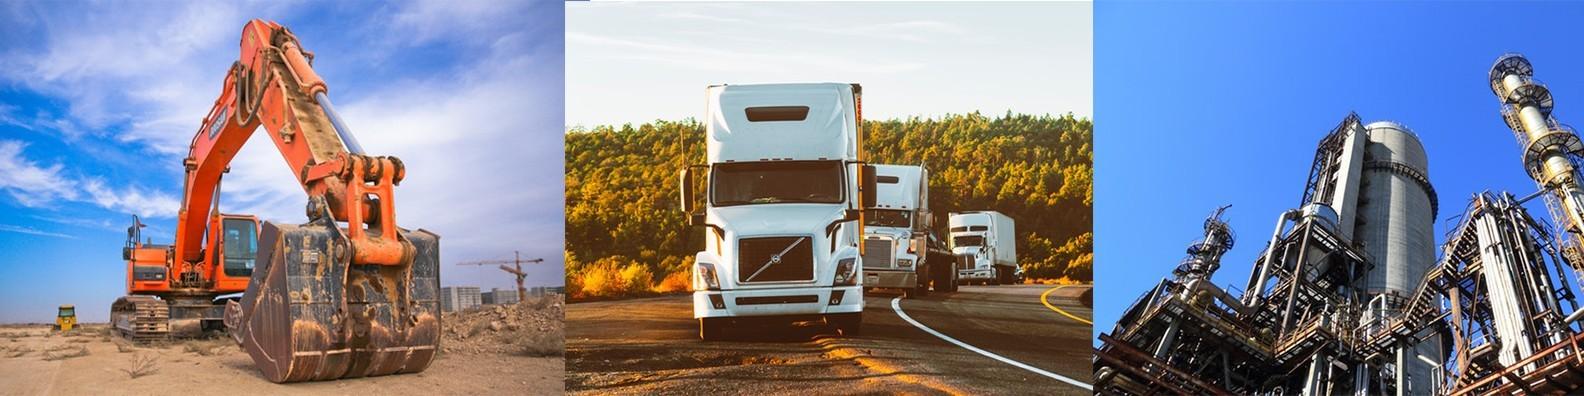 Evaluare bunuri mobile